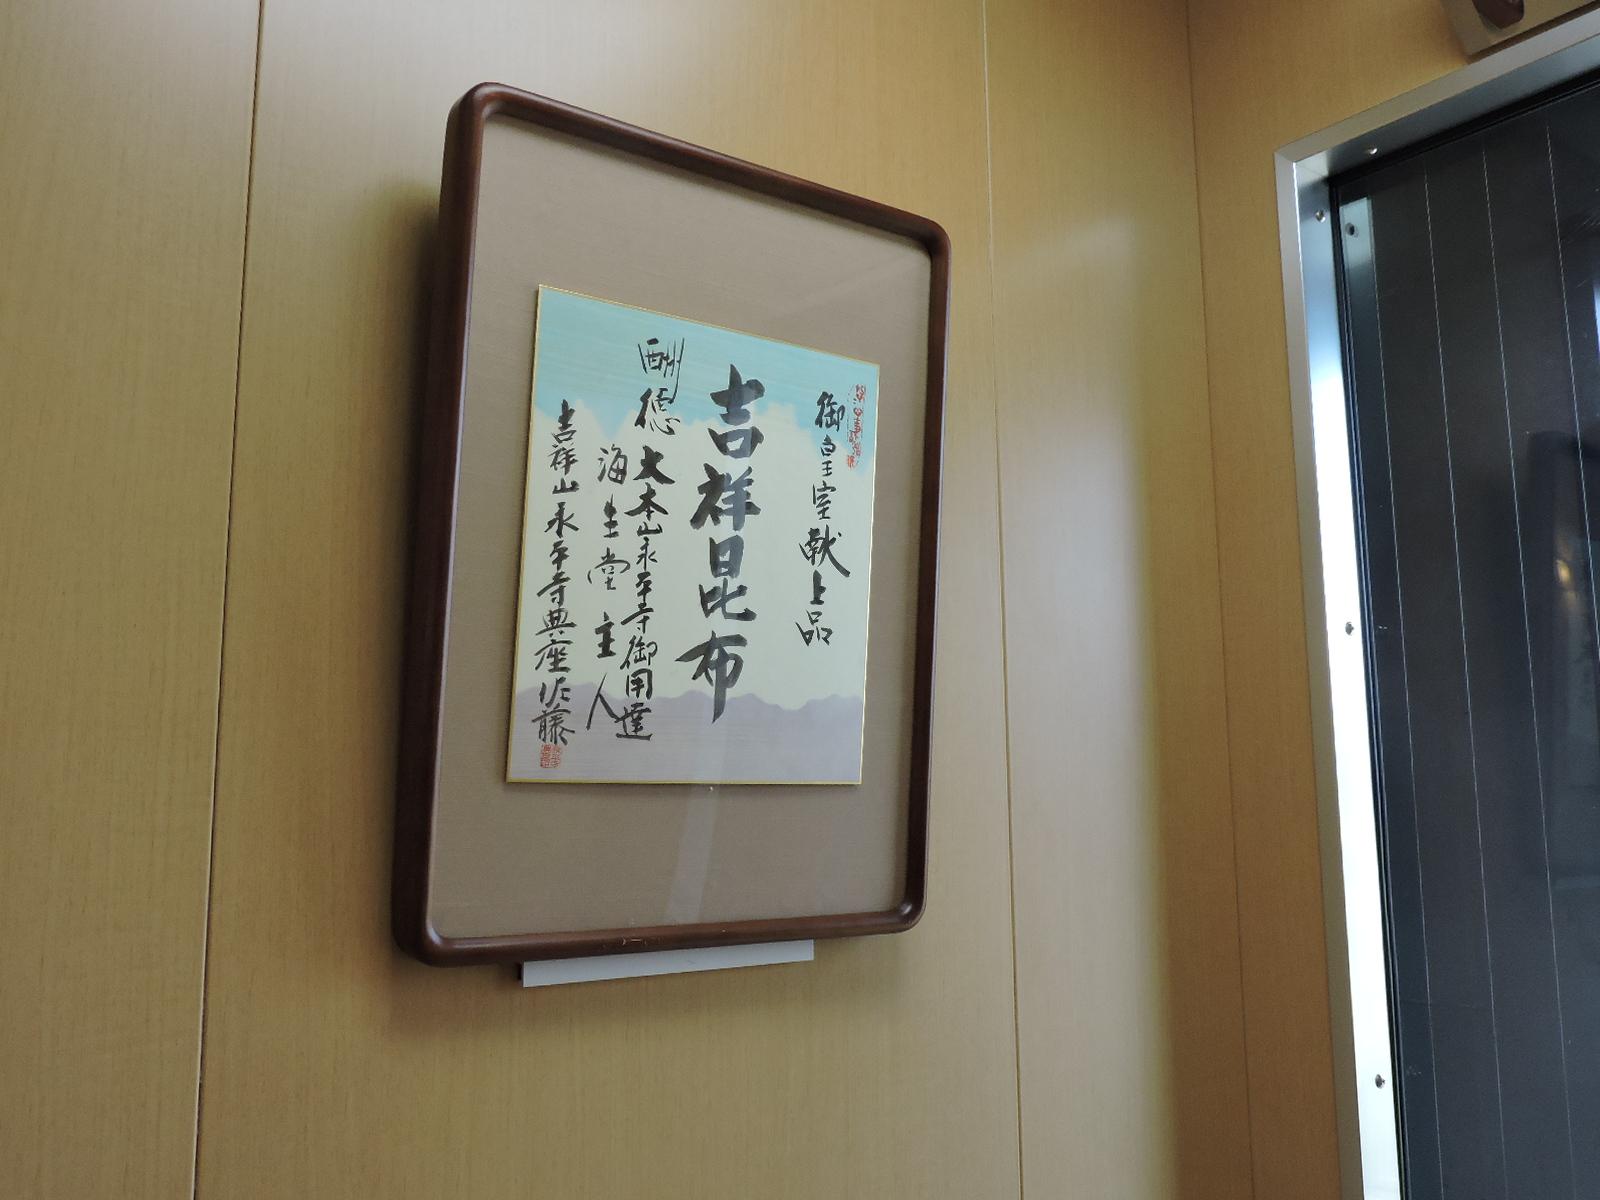 弊社エレベーター内の色紙額と床の掛け軸を掛け変えました。            平成29年4月28日(金曜日)